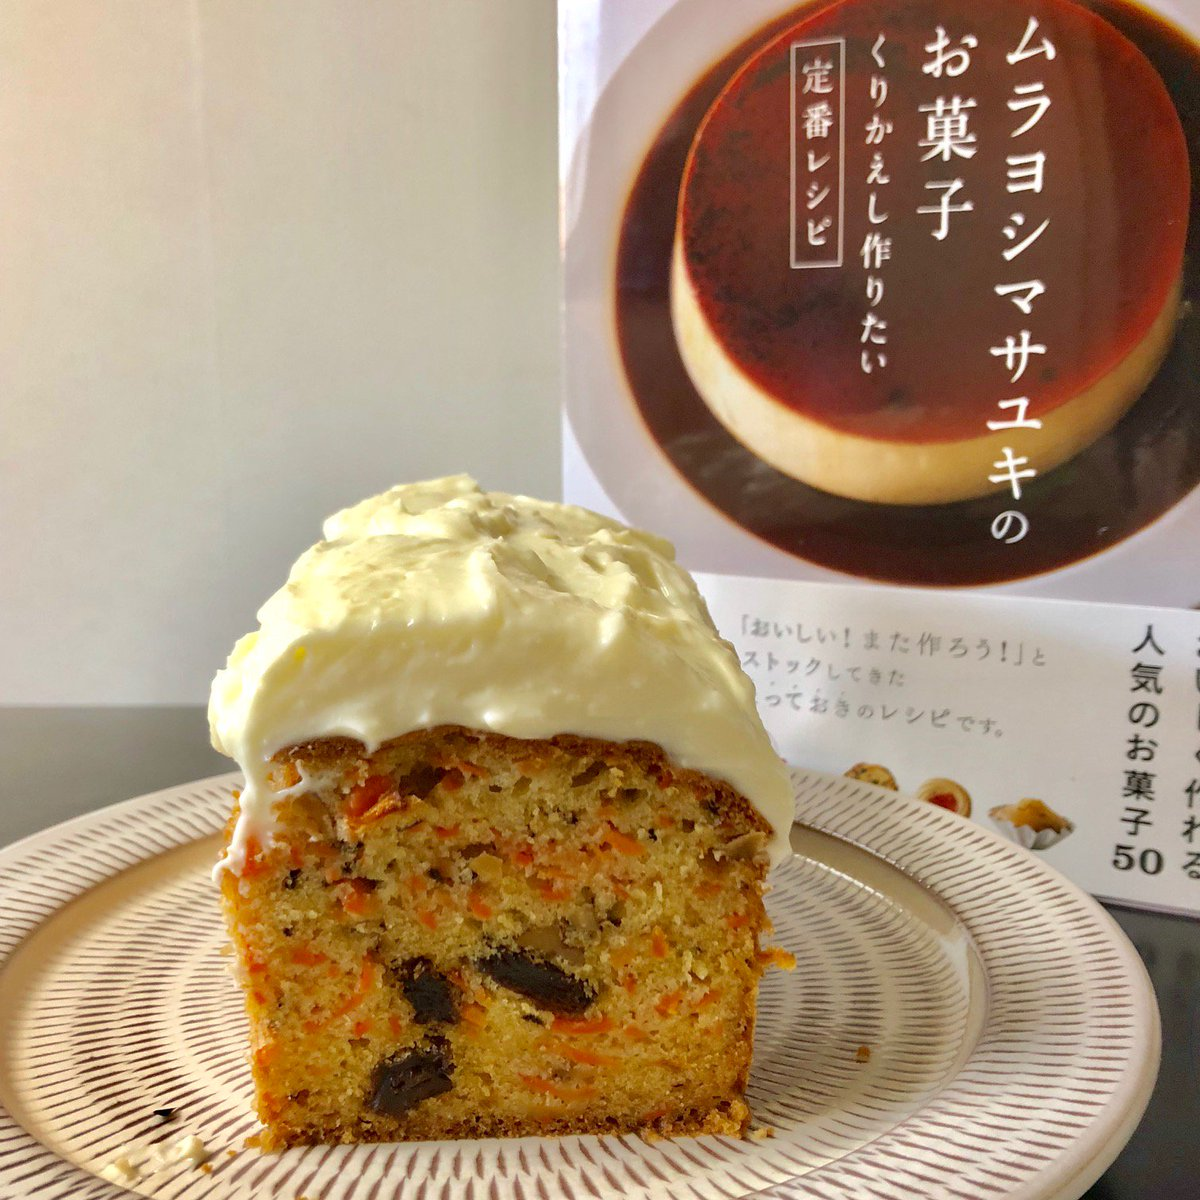 ムラ ヨシ マサユキ レシピ